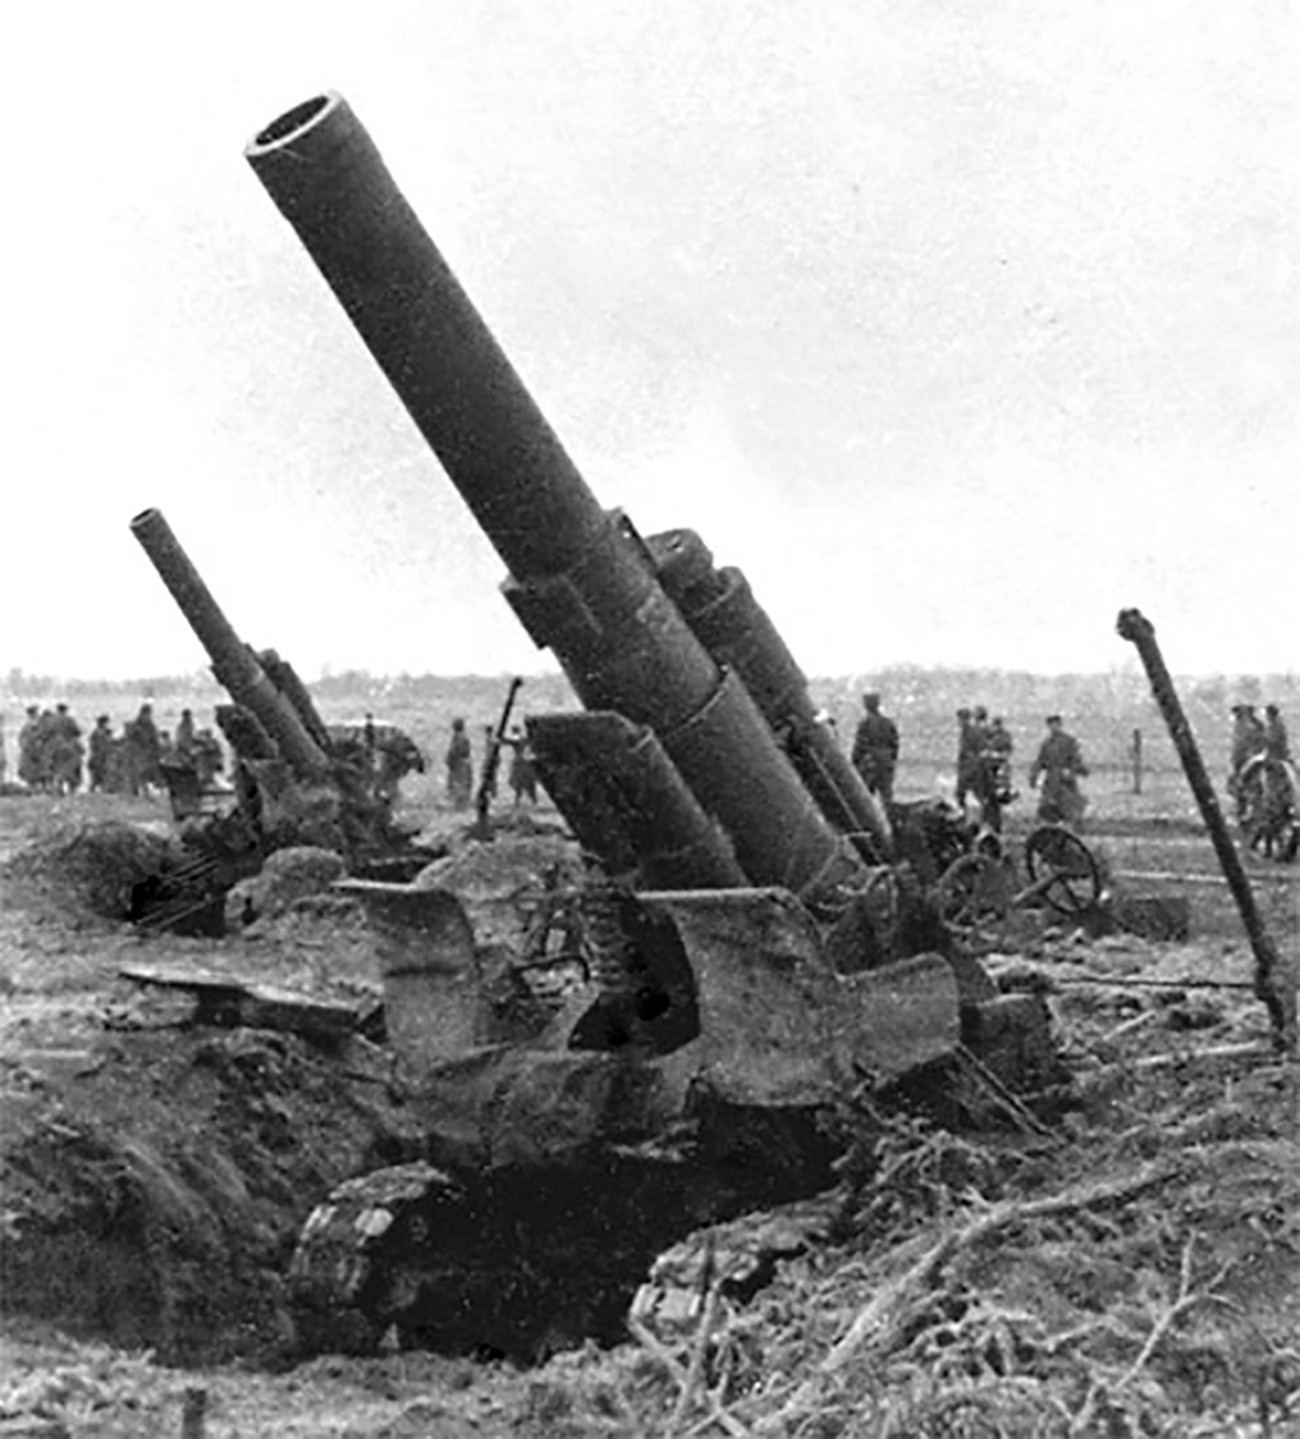 Батерија совјетских тешких хаубица м1931 калибра 203 мм на Трећем белоруском фронту, лето 1944.